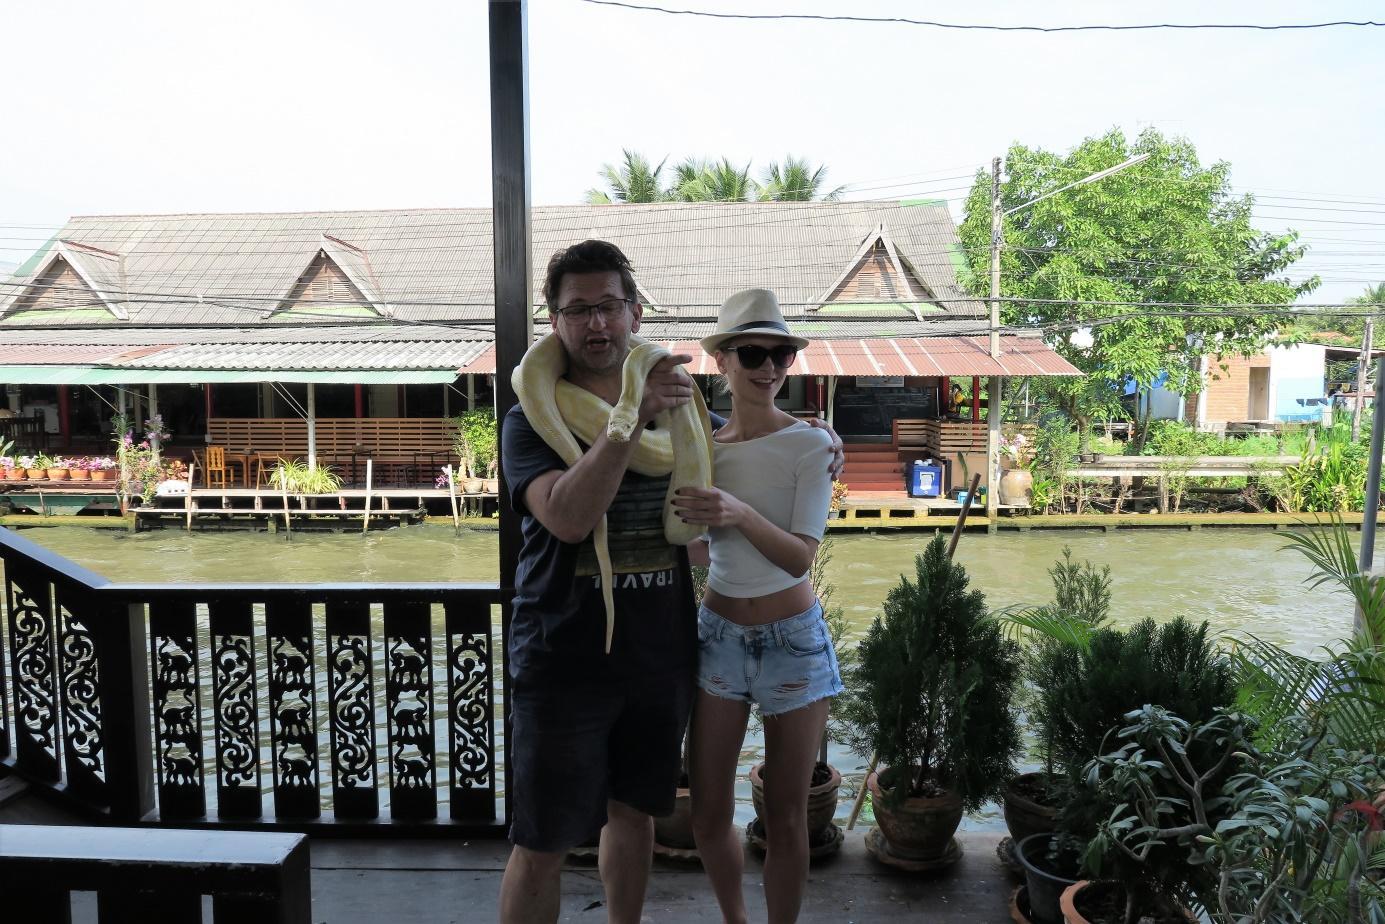 C:\Users\Administrator\Documents\Documents\Putovanja\PUTOPISI\TAJLAND\Tajland 5\Slike\14.jpg